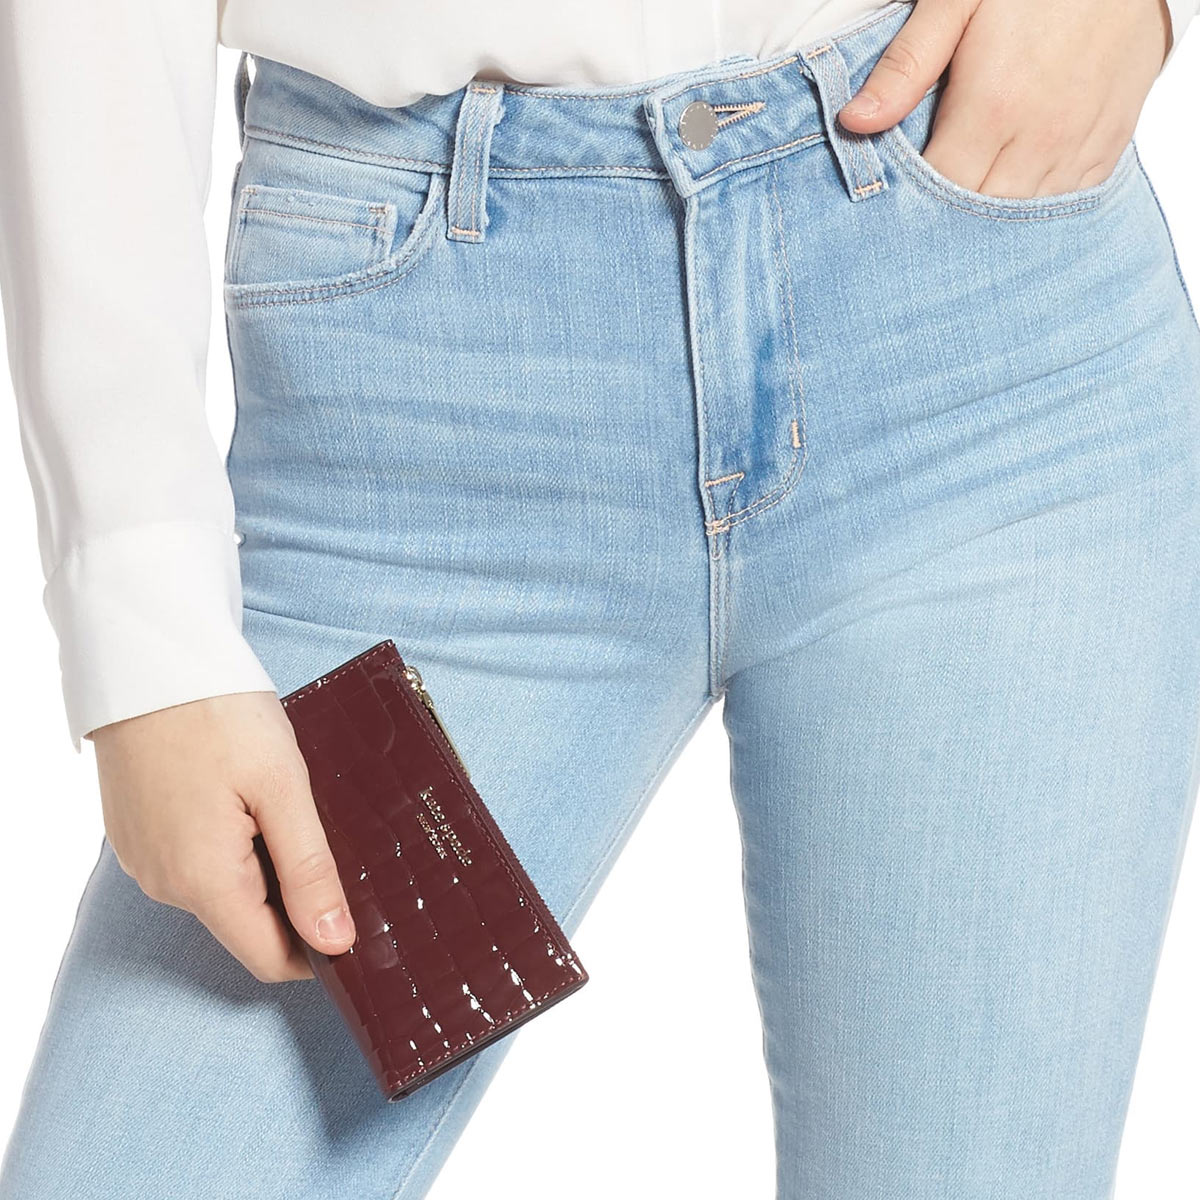 ケイトスペード 財布 二つ折り財布 ミニ財布 折財布 レディース ブランド コンパクト KATE SPADE NEW YORK